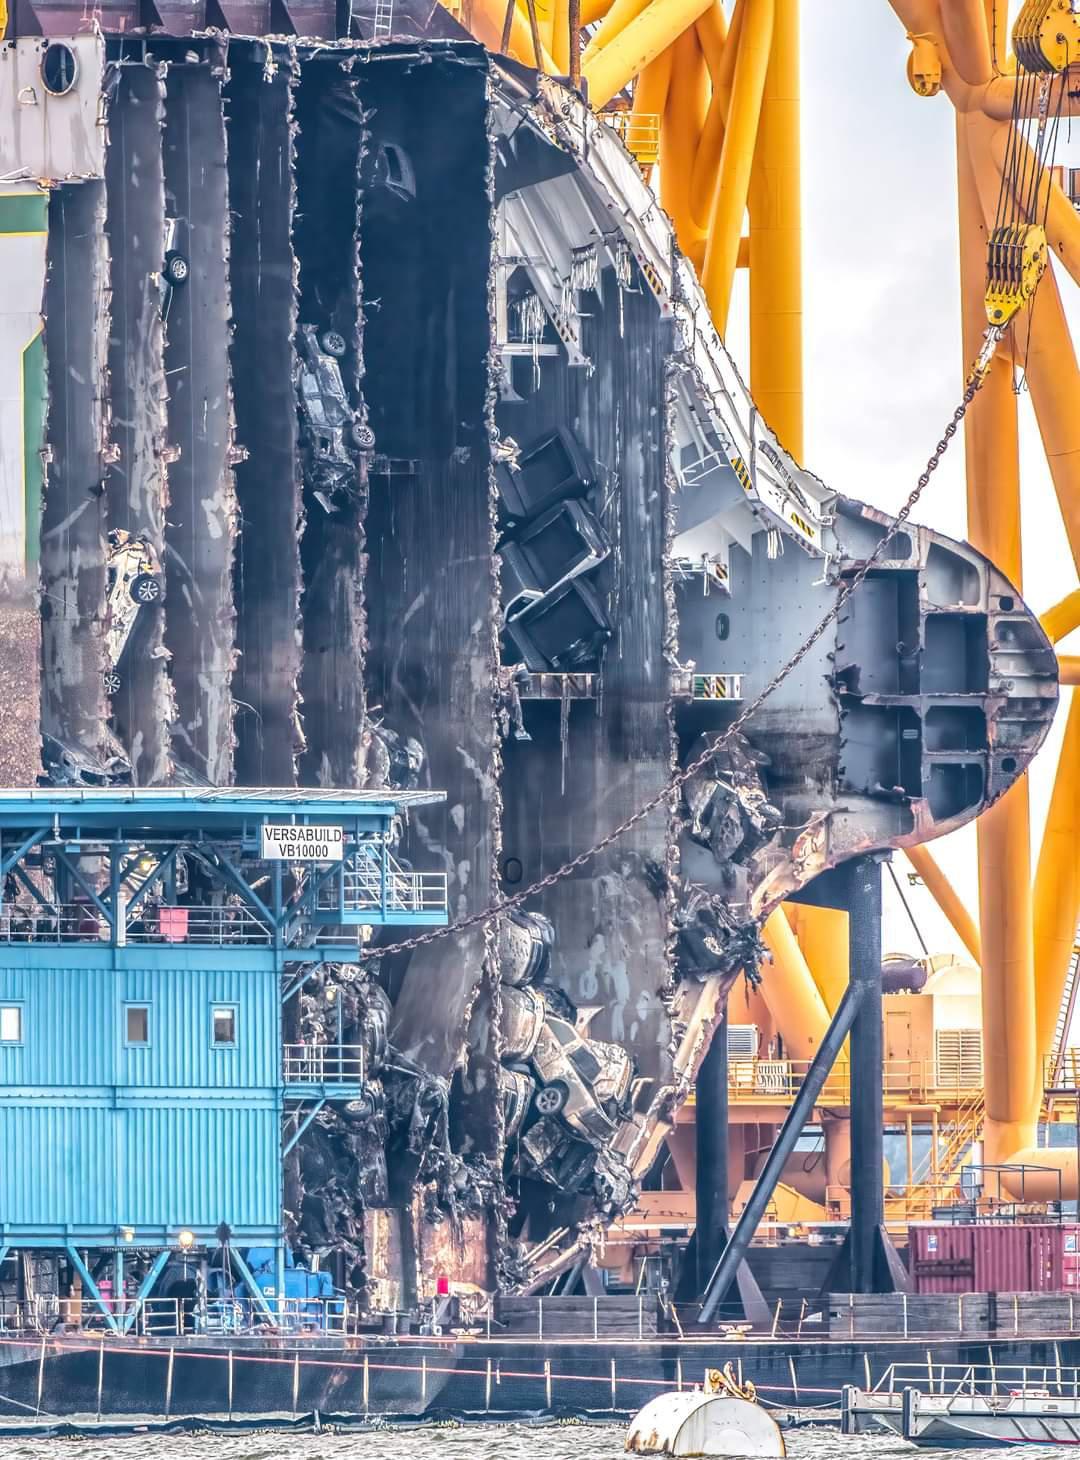 Picapes, SUVs e compactos ficaram destruídos e revirados no interior da embarcação